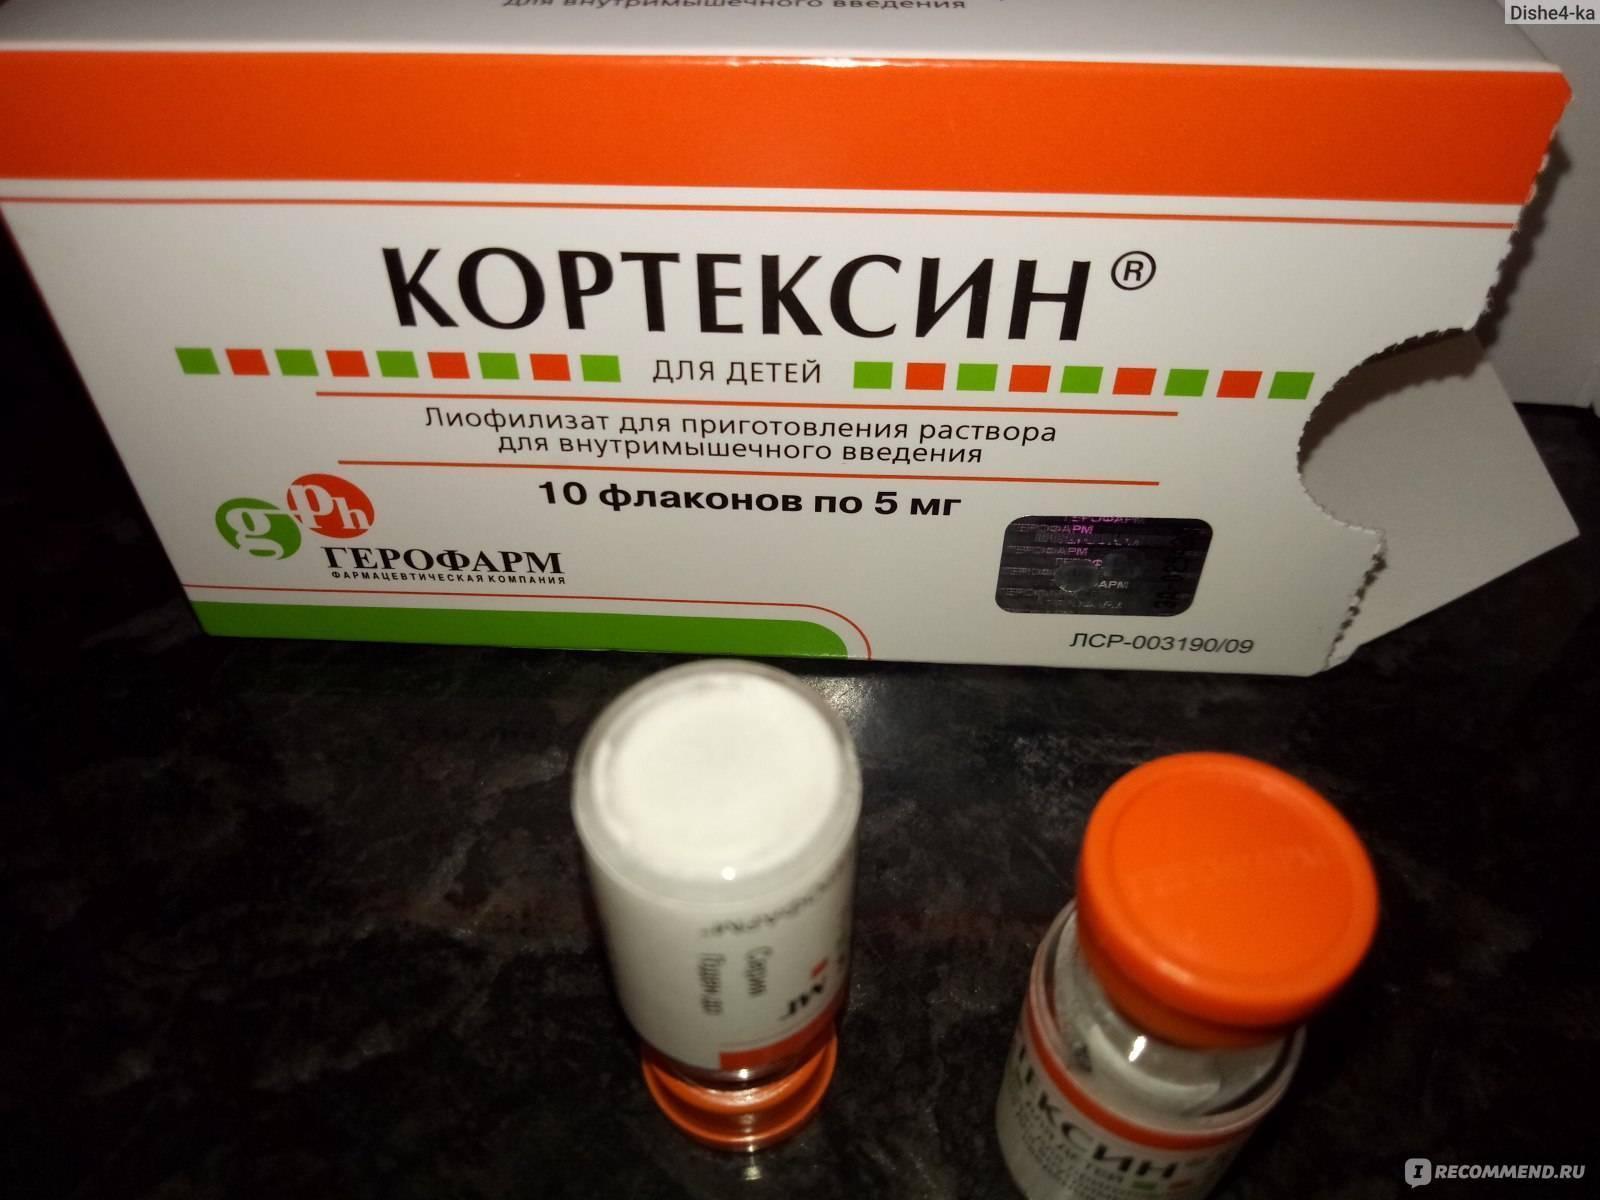 Кортексин: инструкция по применению, отзывы и цены